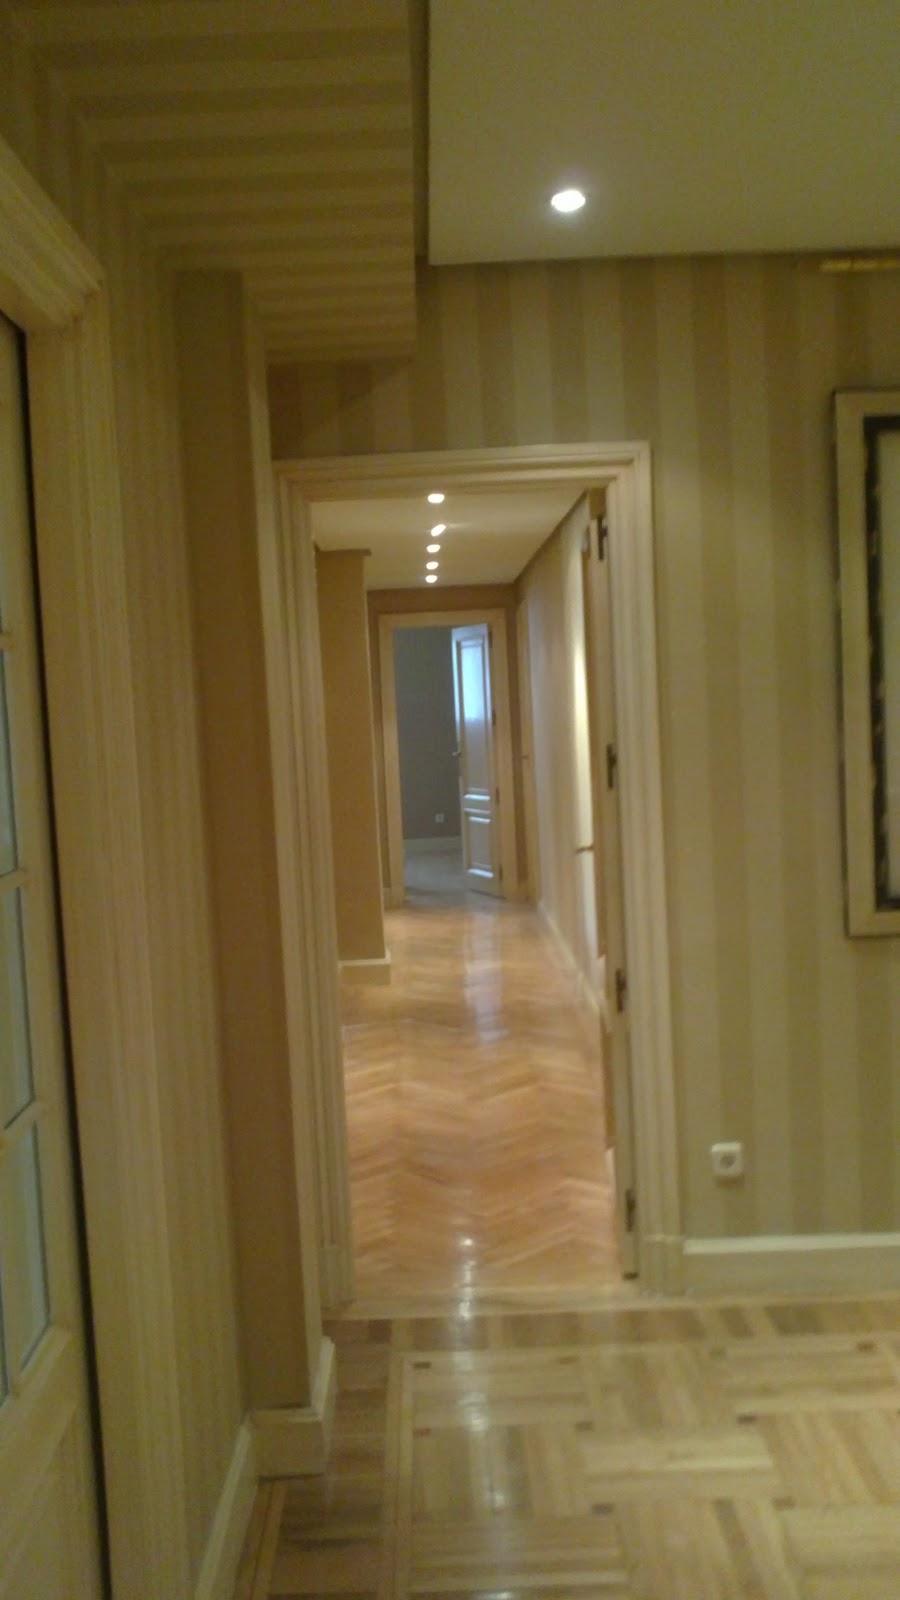 Mondecor s l otra forma de reformar unas puertas y los for Reformar puertas